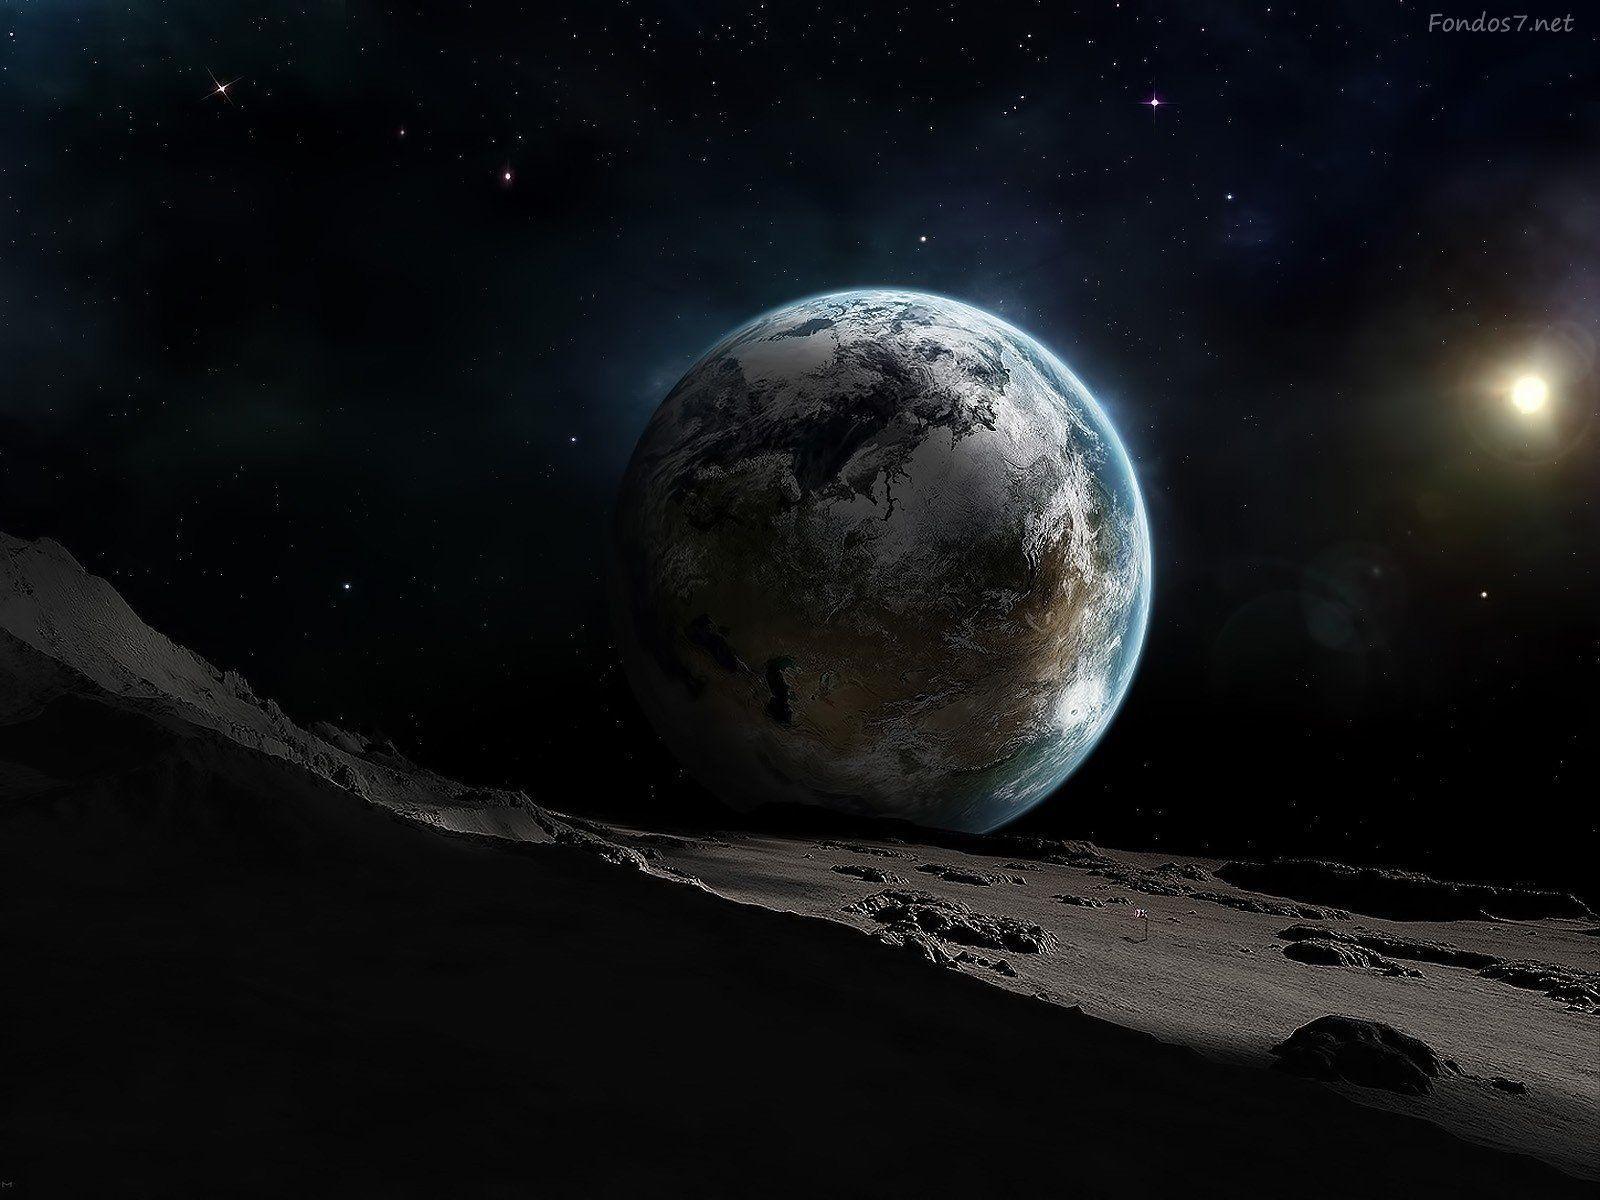 La Tierra vista desde el espacio 2016  El espacio Te perd y Tierra